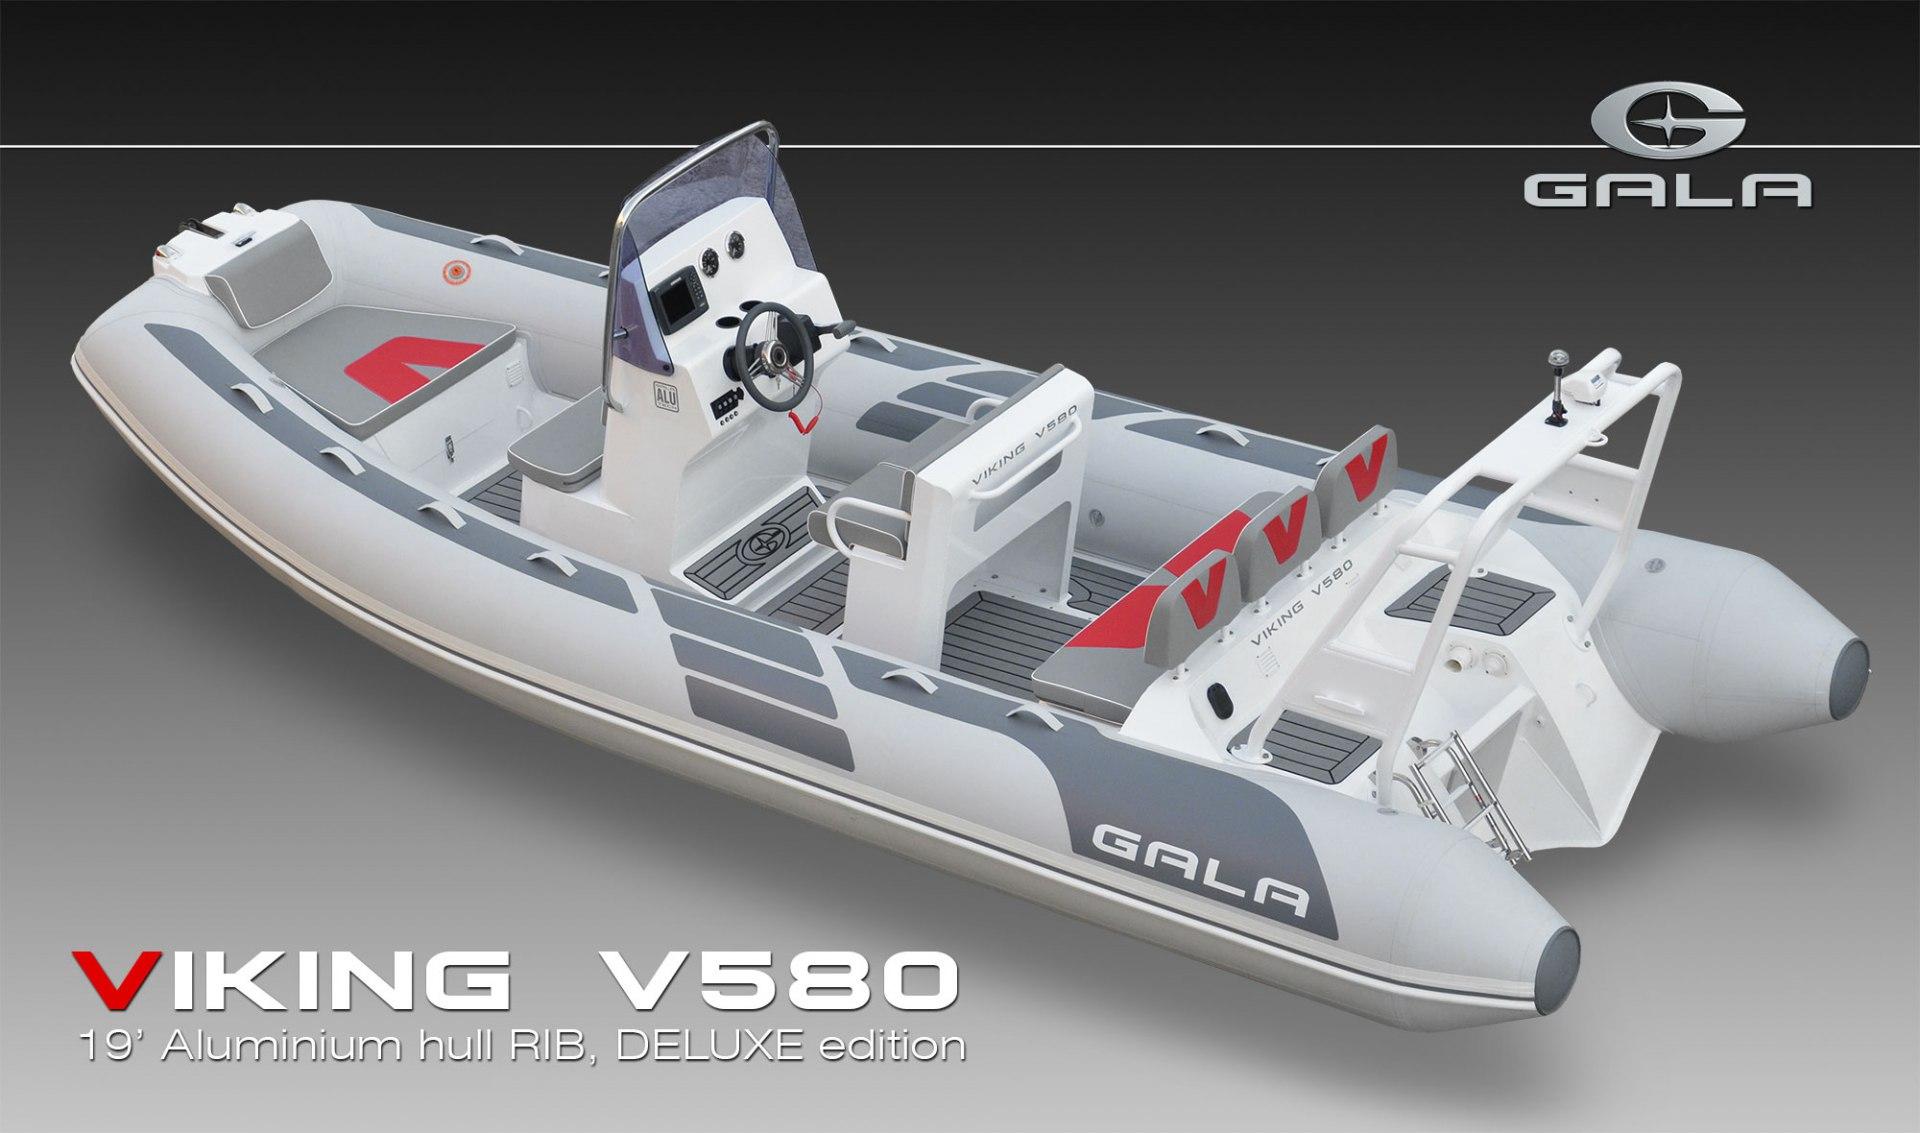 VIKING V580 DELUXE